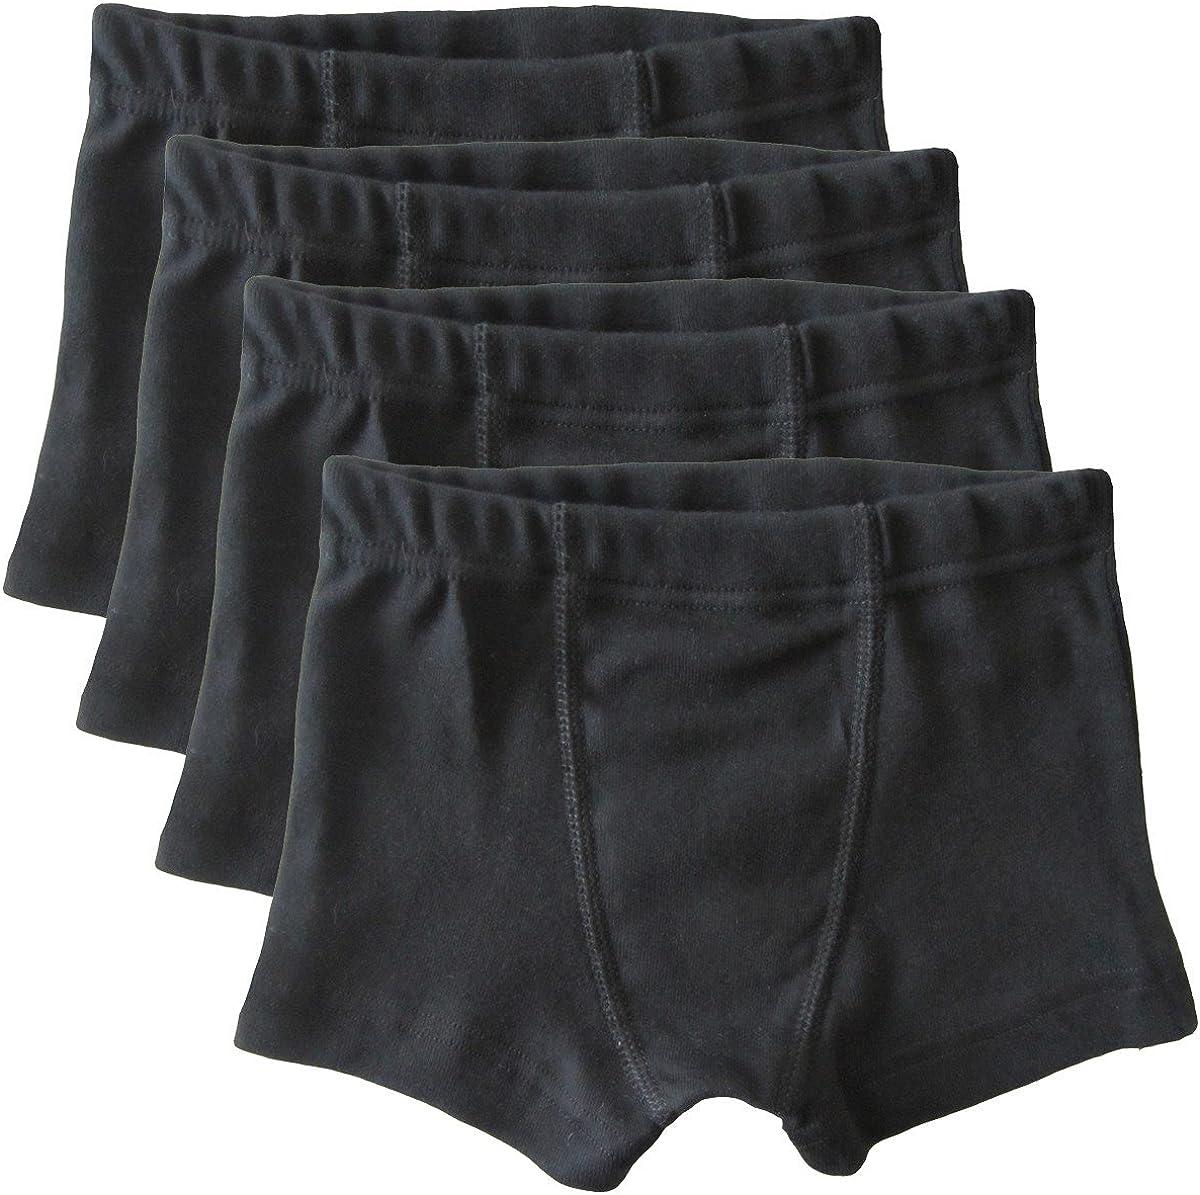 HERMKO 2900-4 Pairs of Boys Boxer Shorts 100/% Cotton